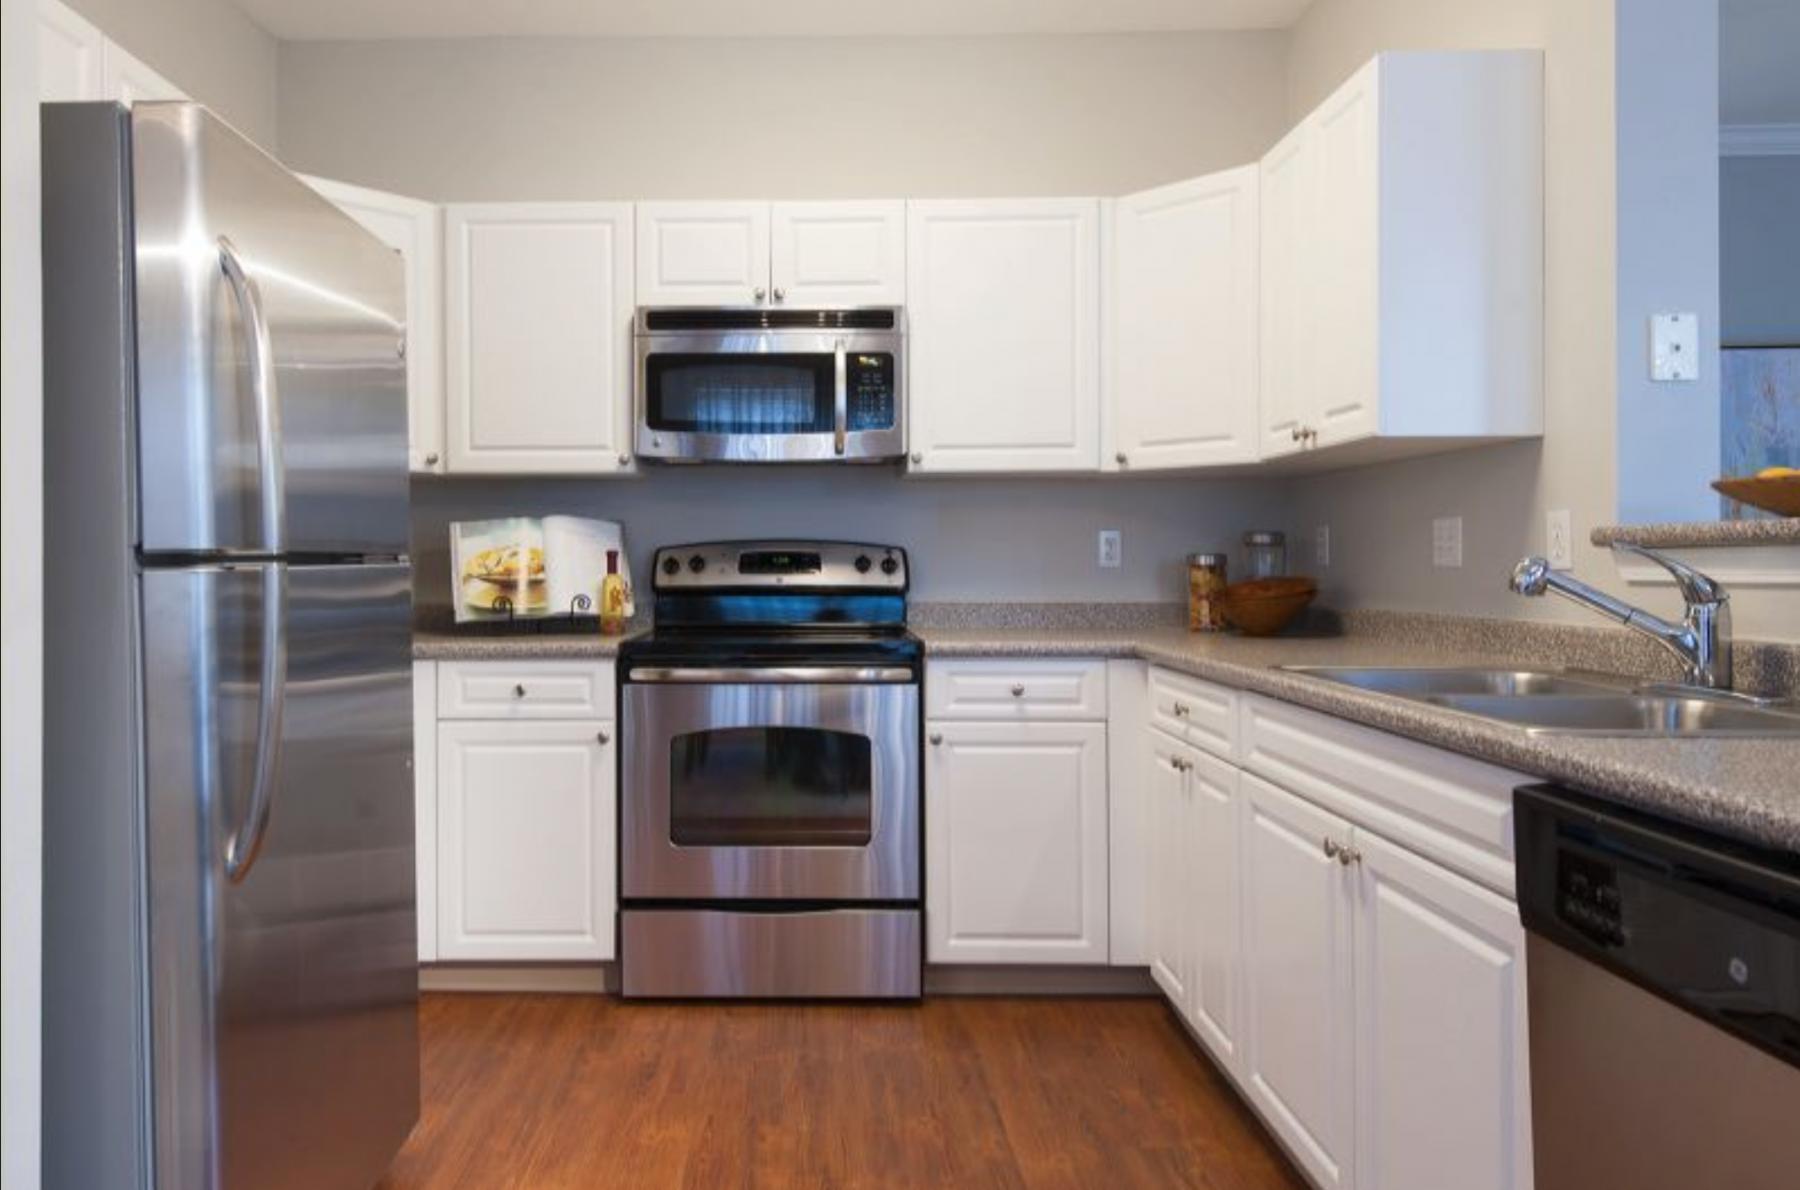 14 - Kitchen